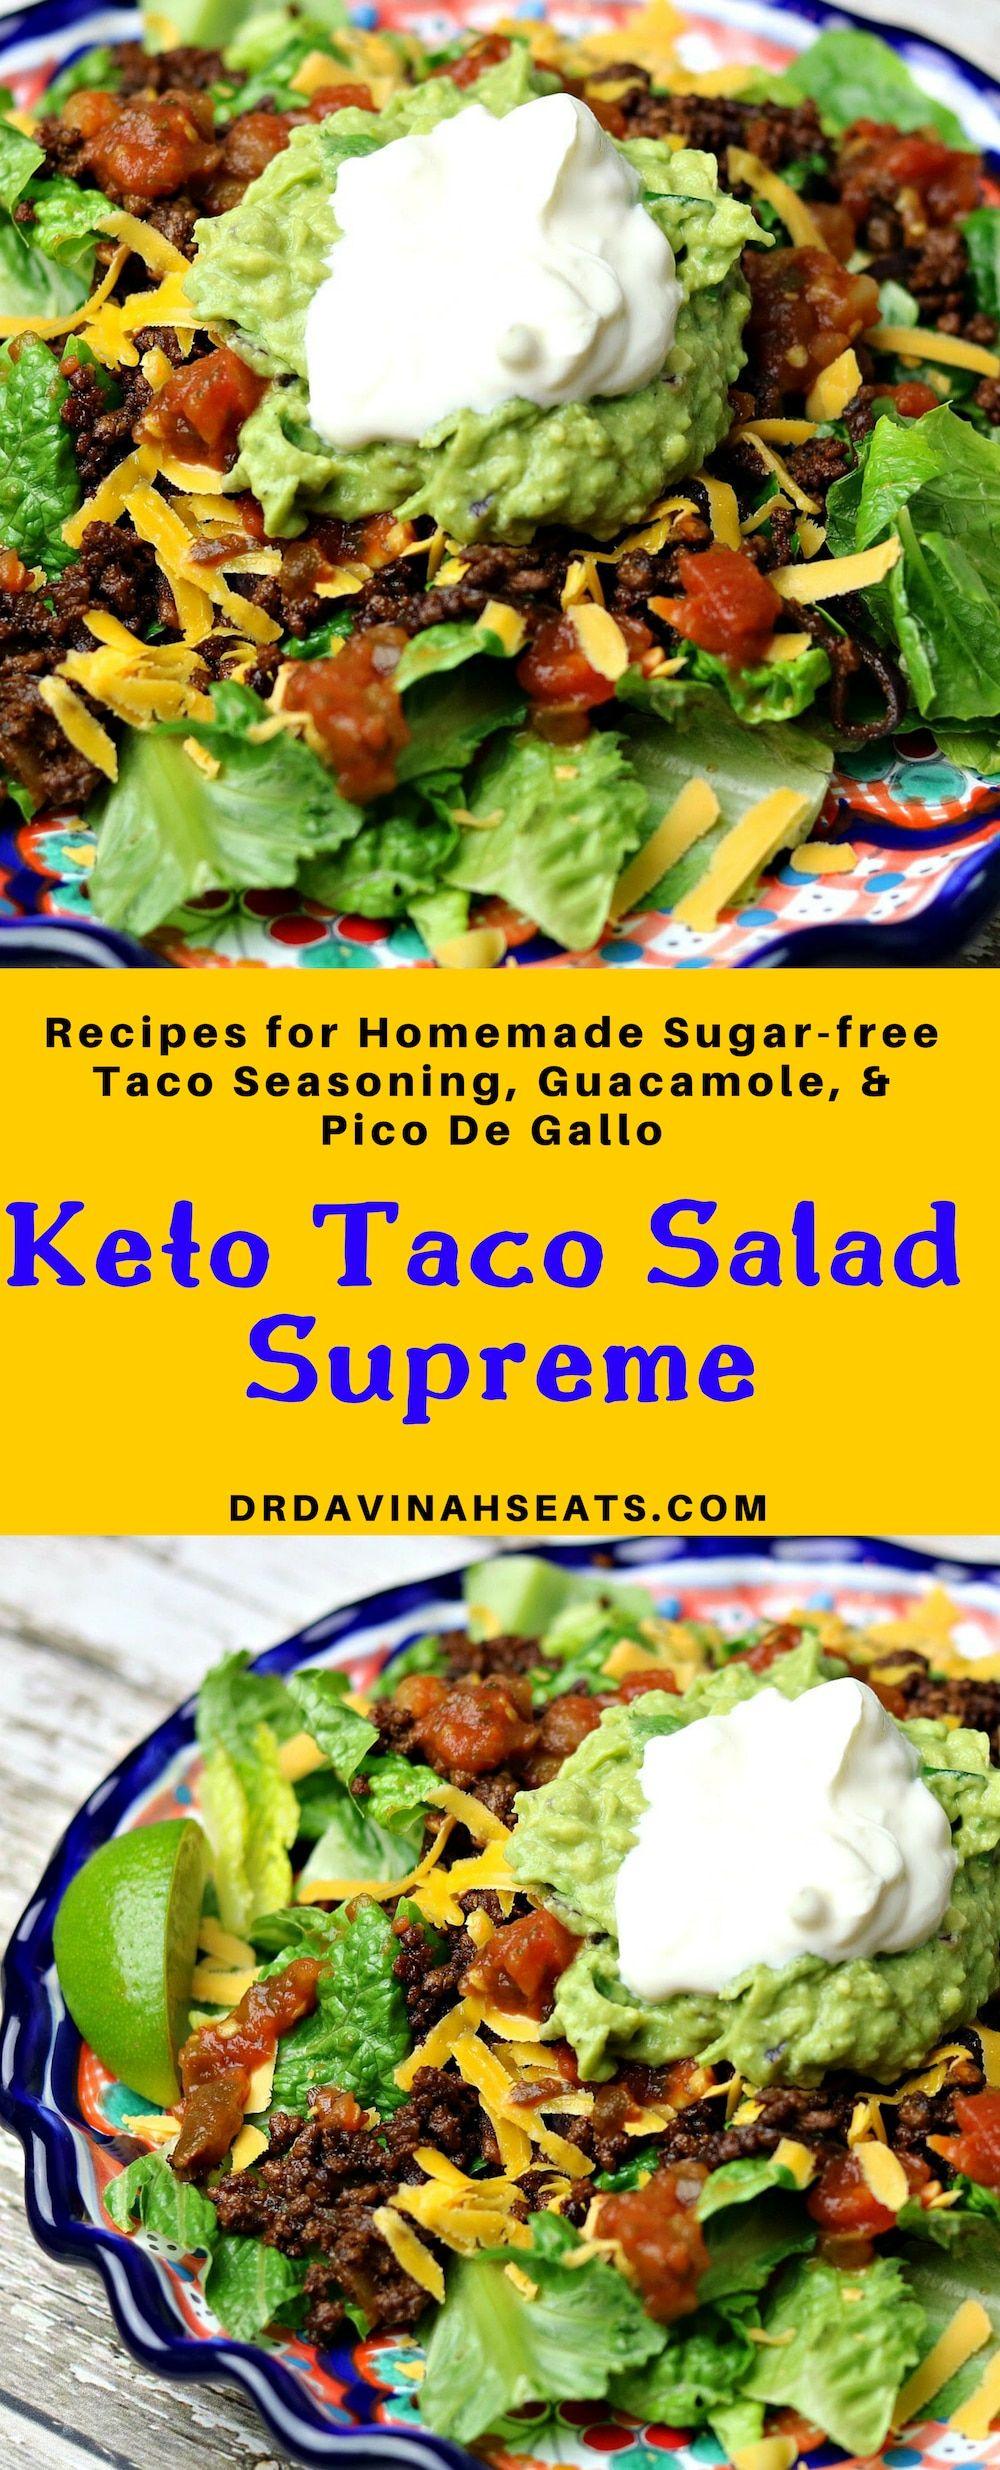 Keto Taco Salad Supreme Recipe   Dr. Davinah's Eats #lowcarbeating